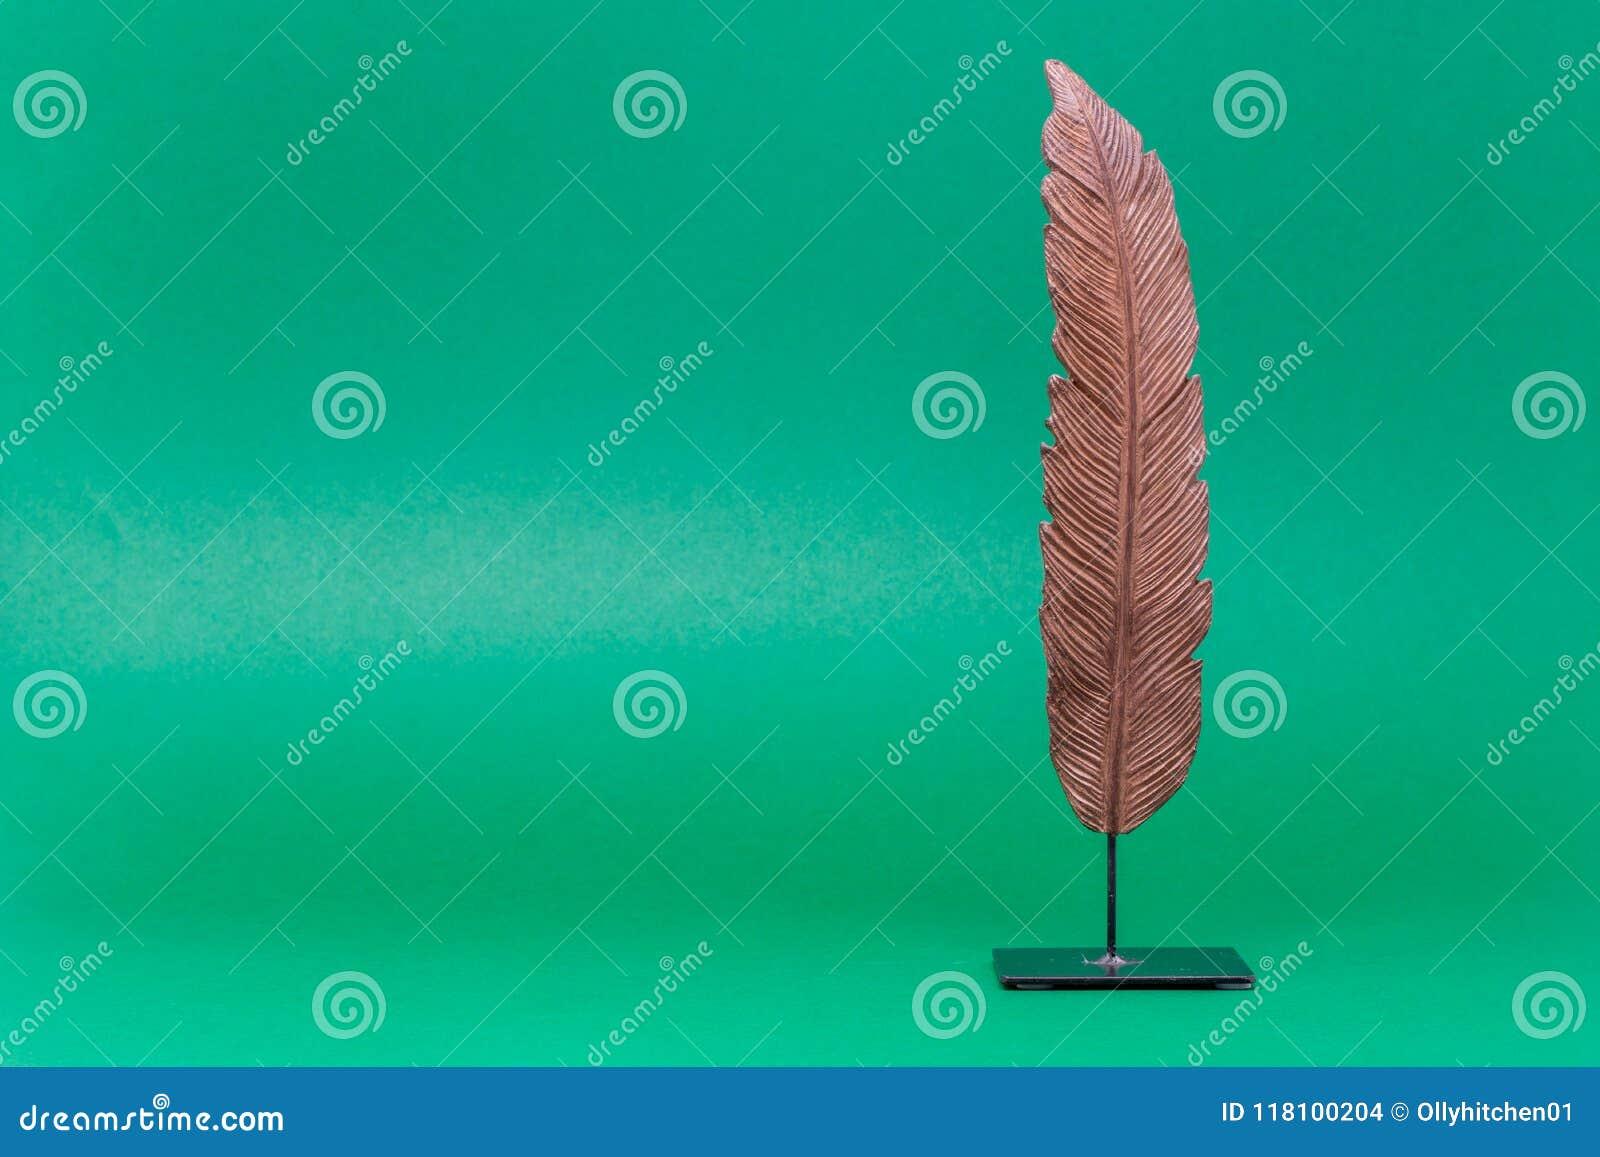 Ein geschnitztes Blatt stellte gegen einen grünen Hintergrund ein